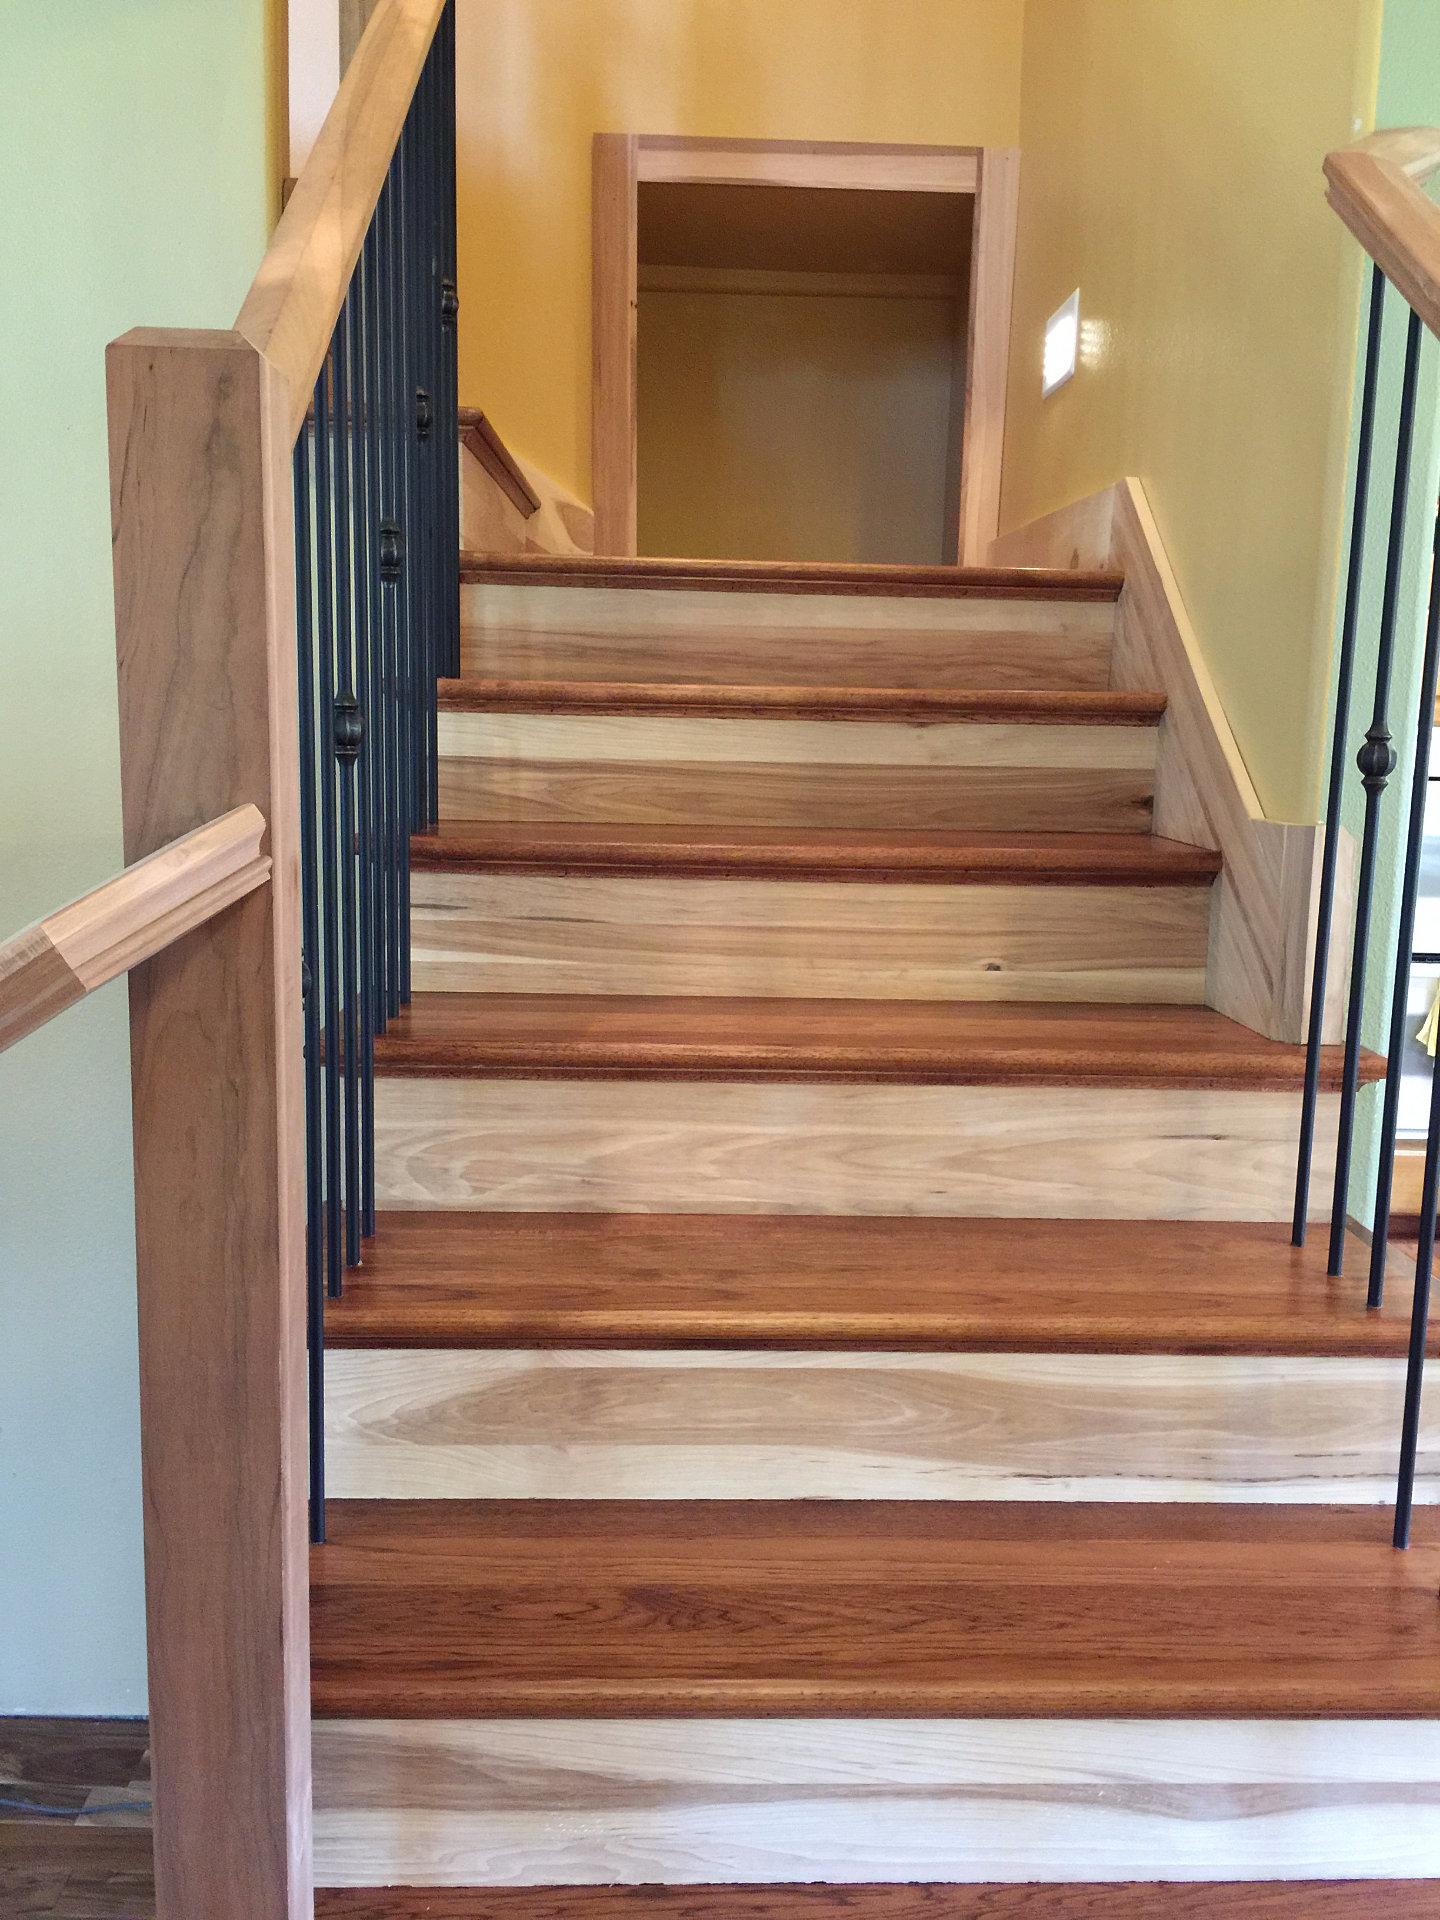 Northwest Wood Floors Full Service Hardwood Flooring